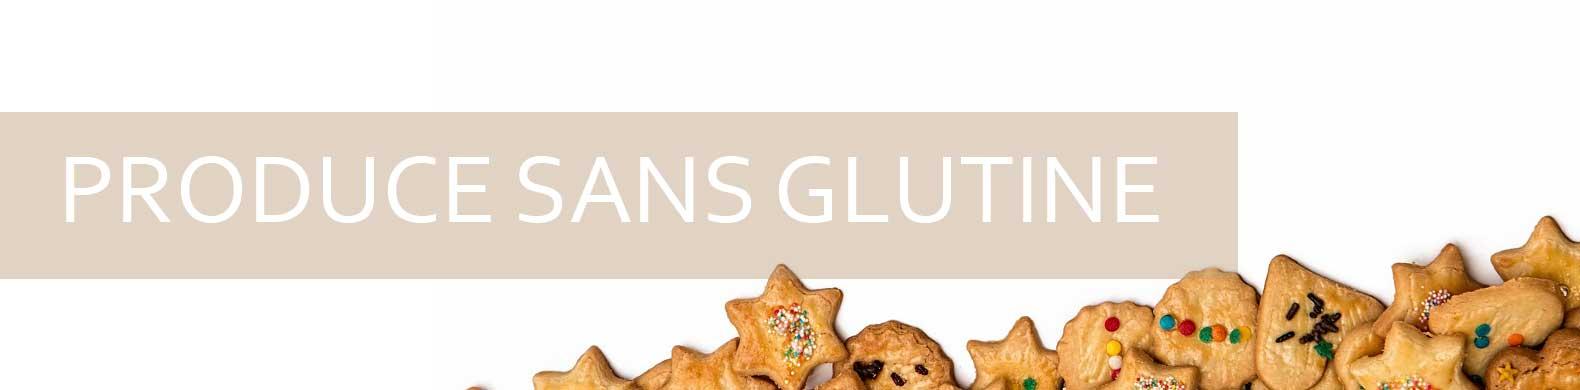 banner prodotti senza glutine sembrano gambe con forma di cuore e stella.